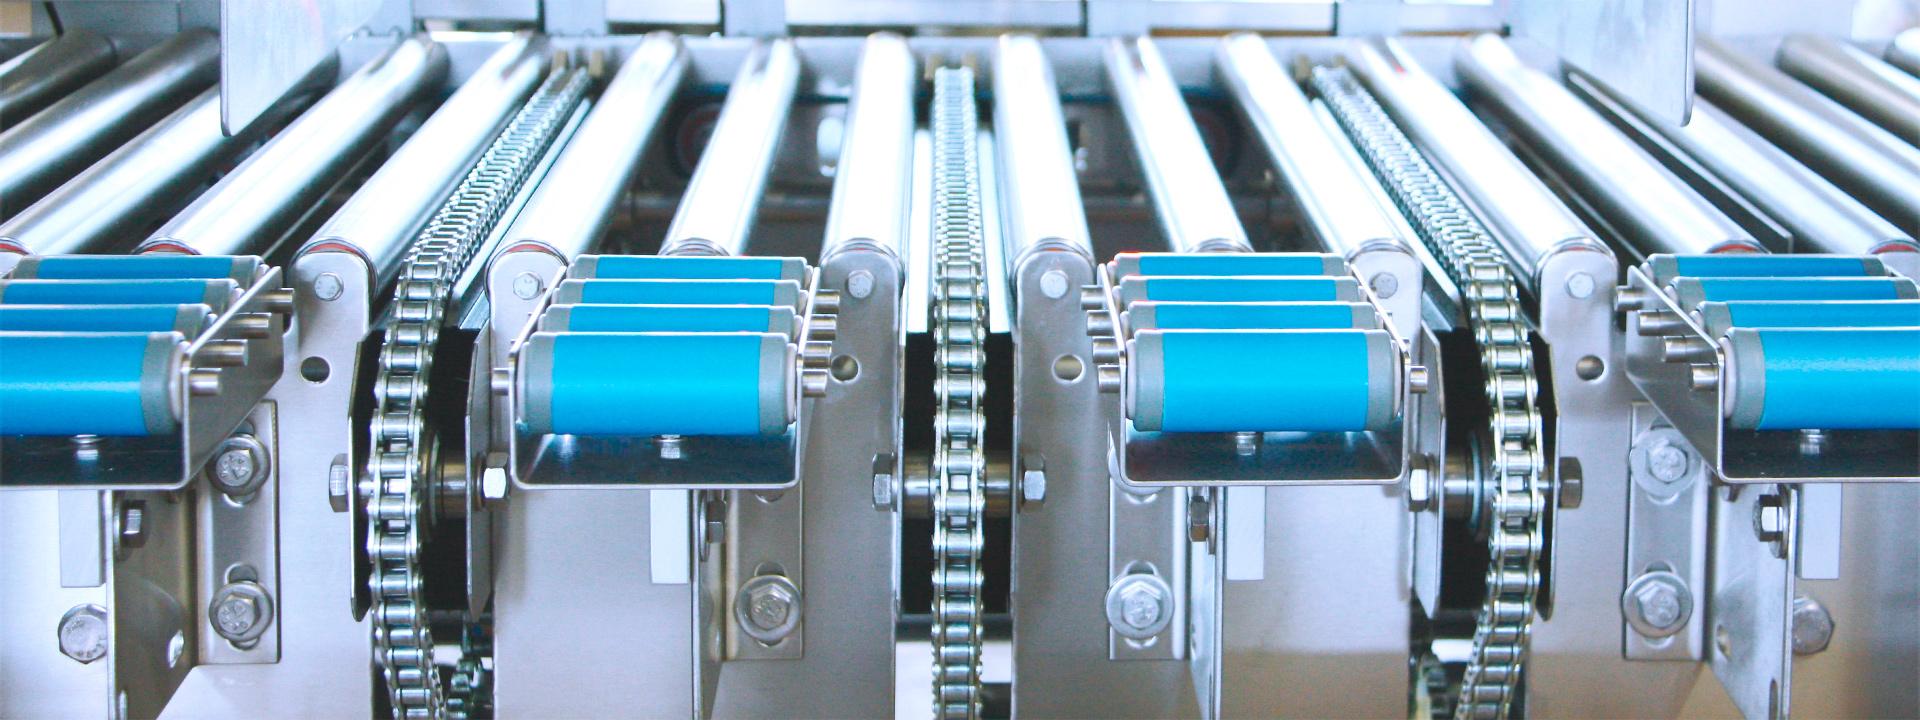 SEMA - Maschinenbau